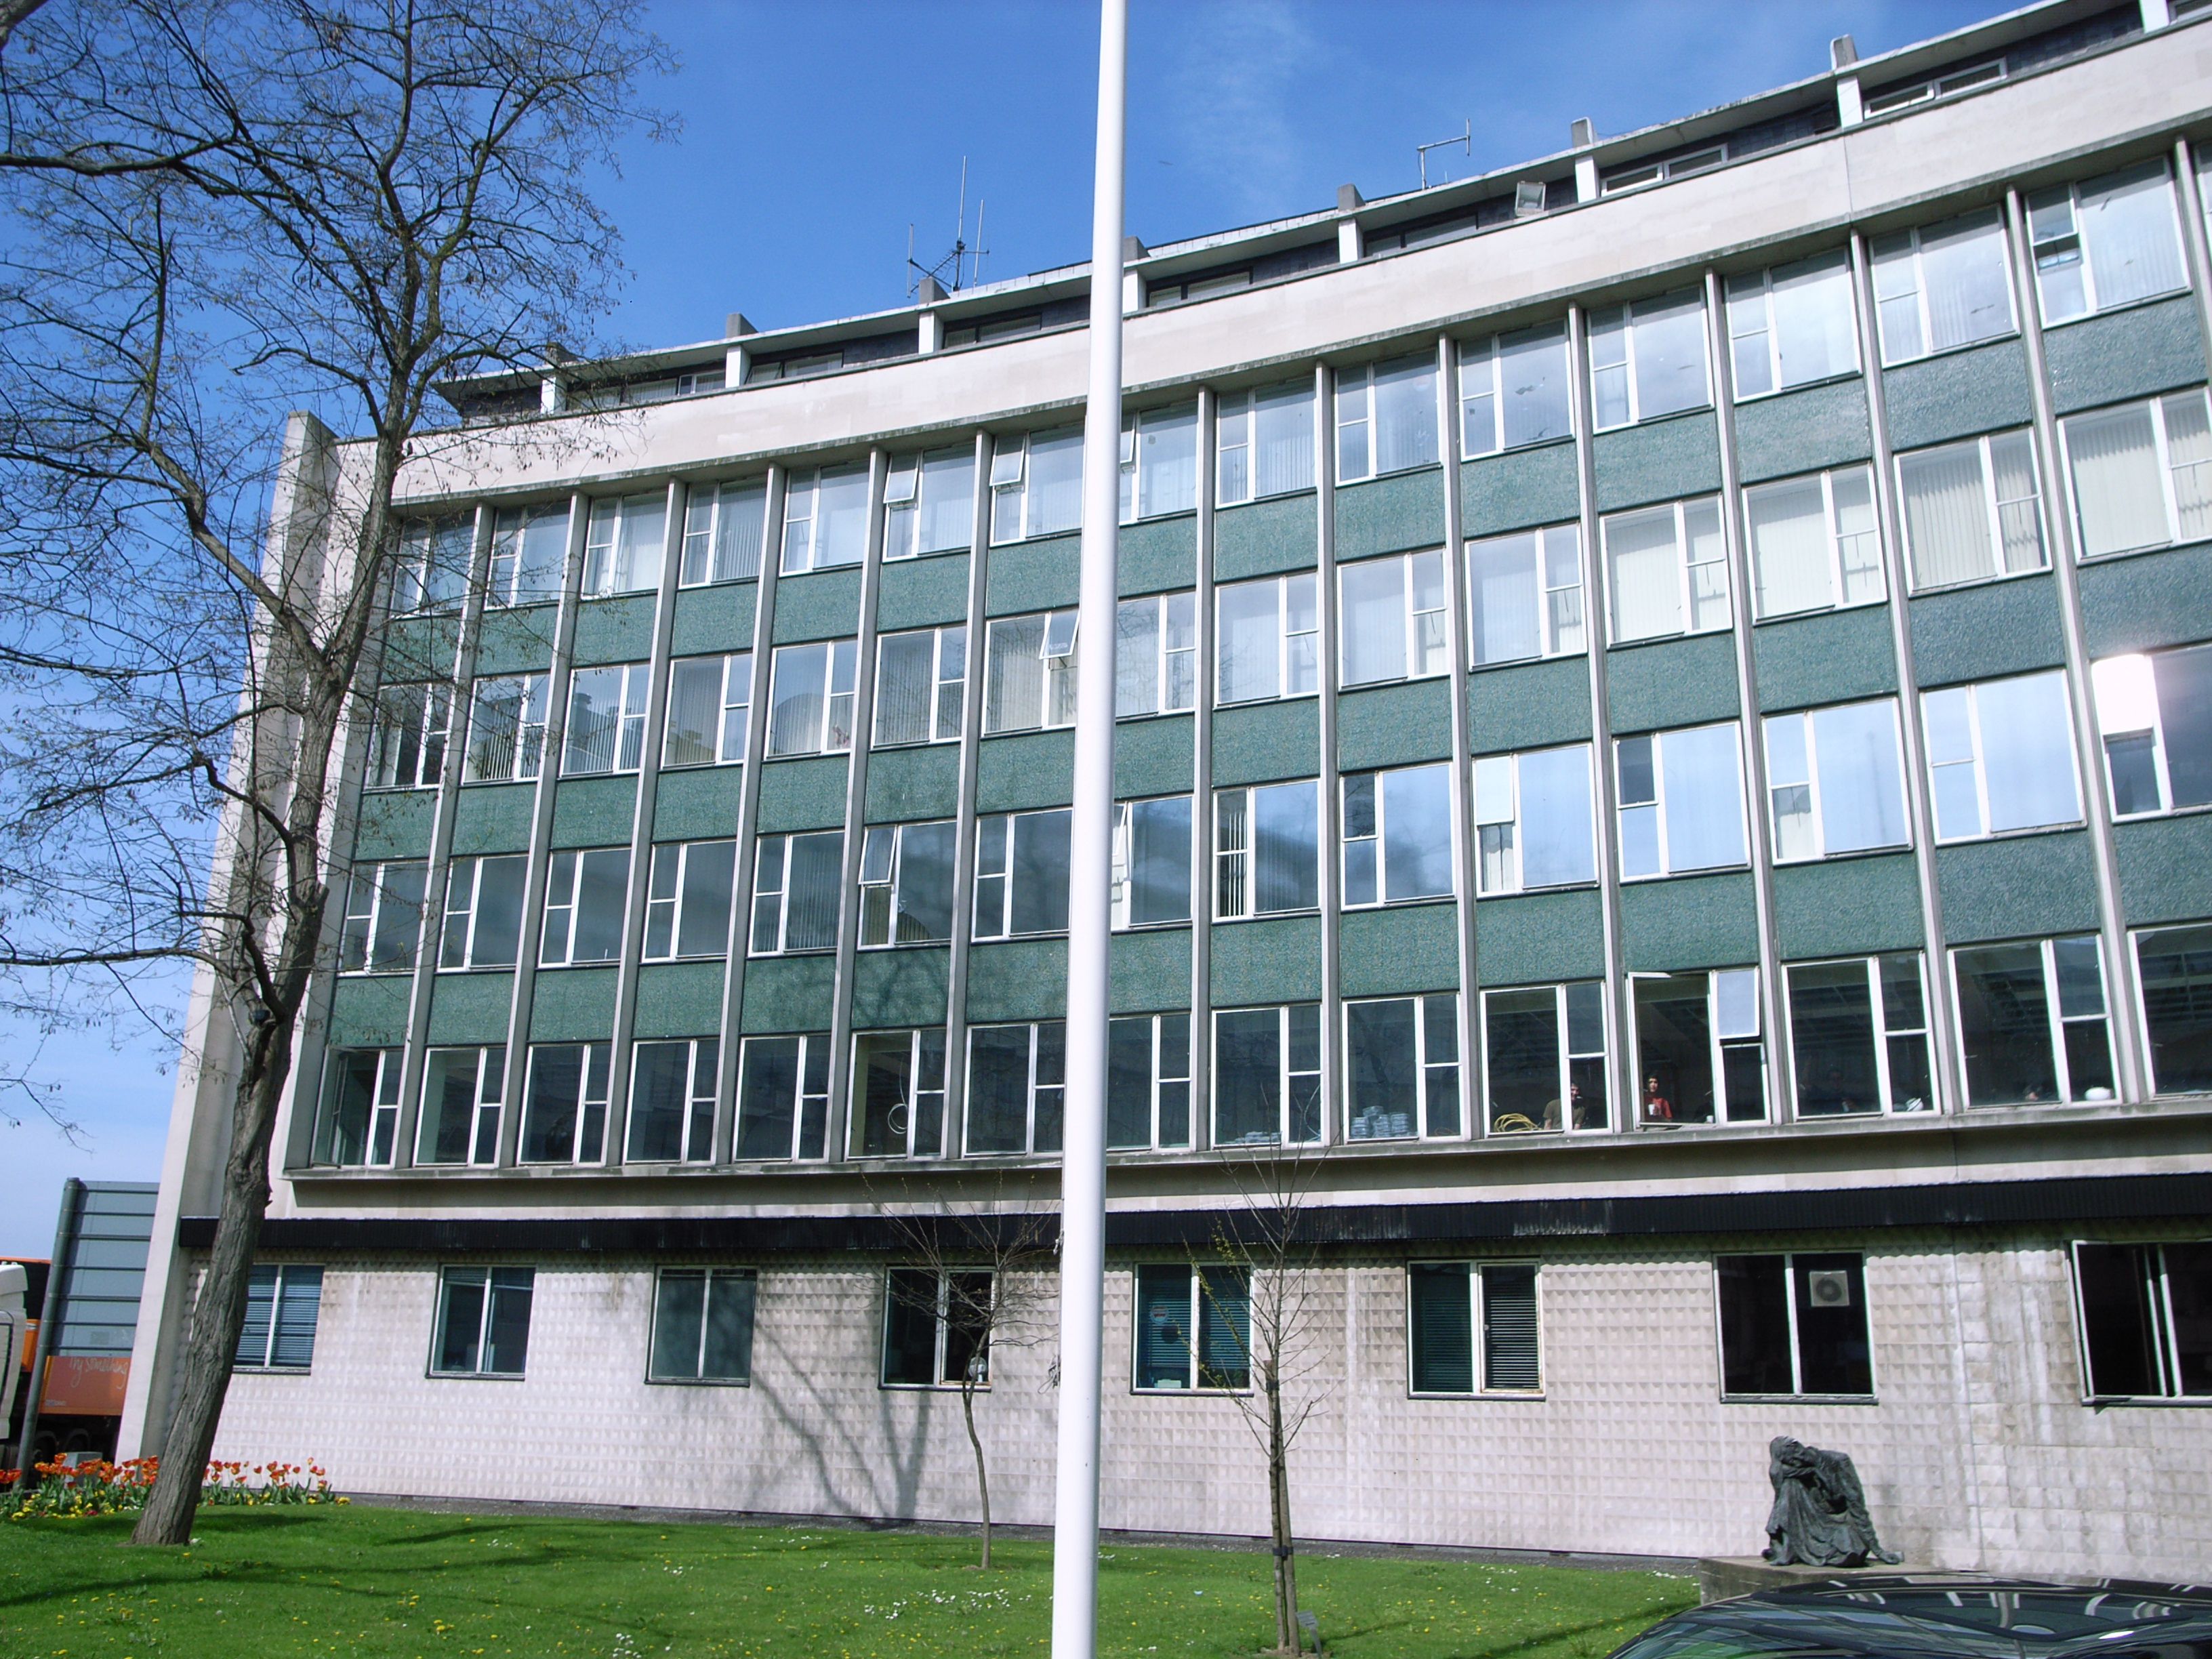 Lewisham_Council_Offices.jpg